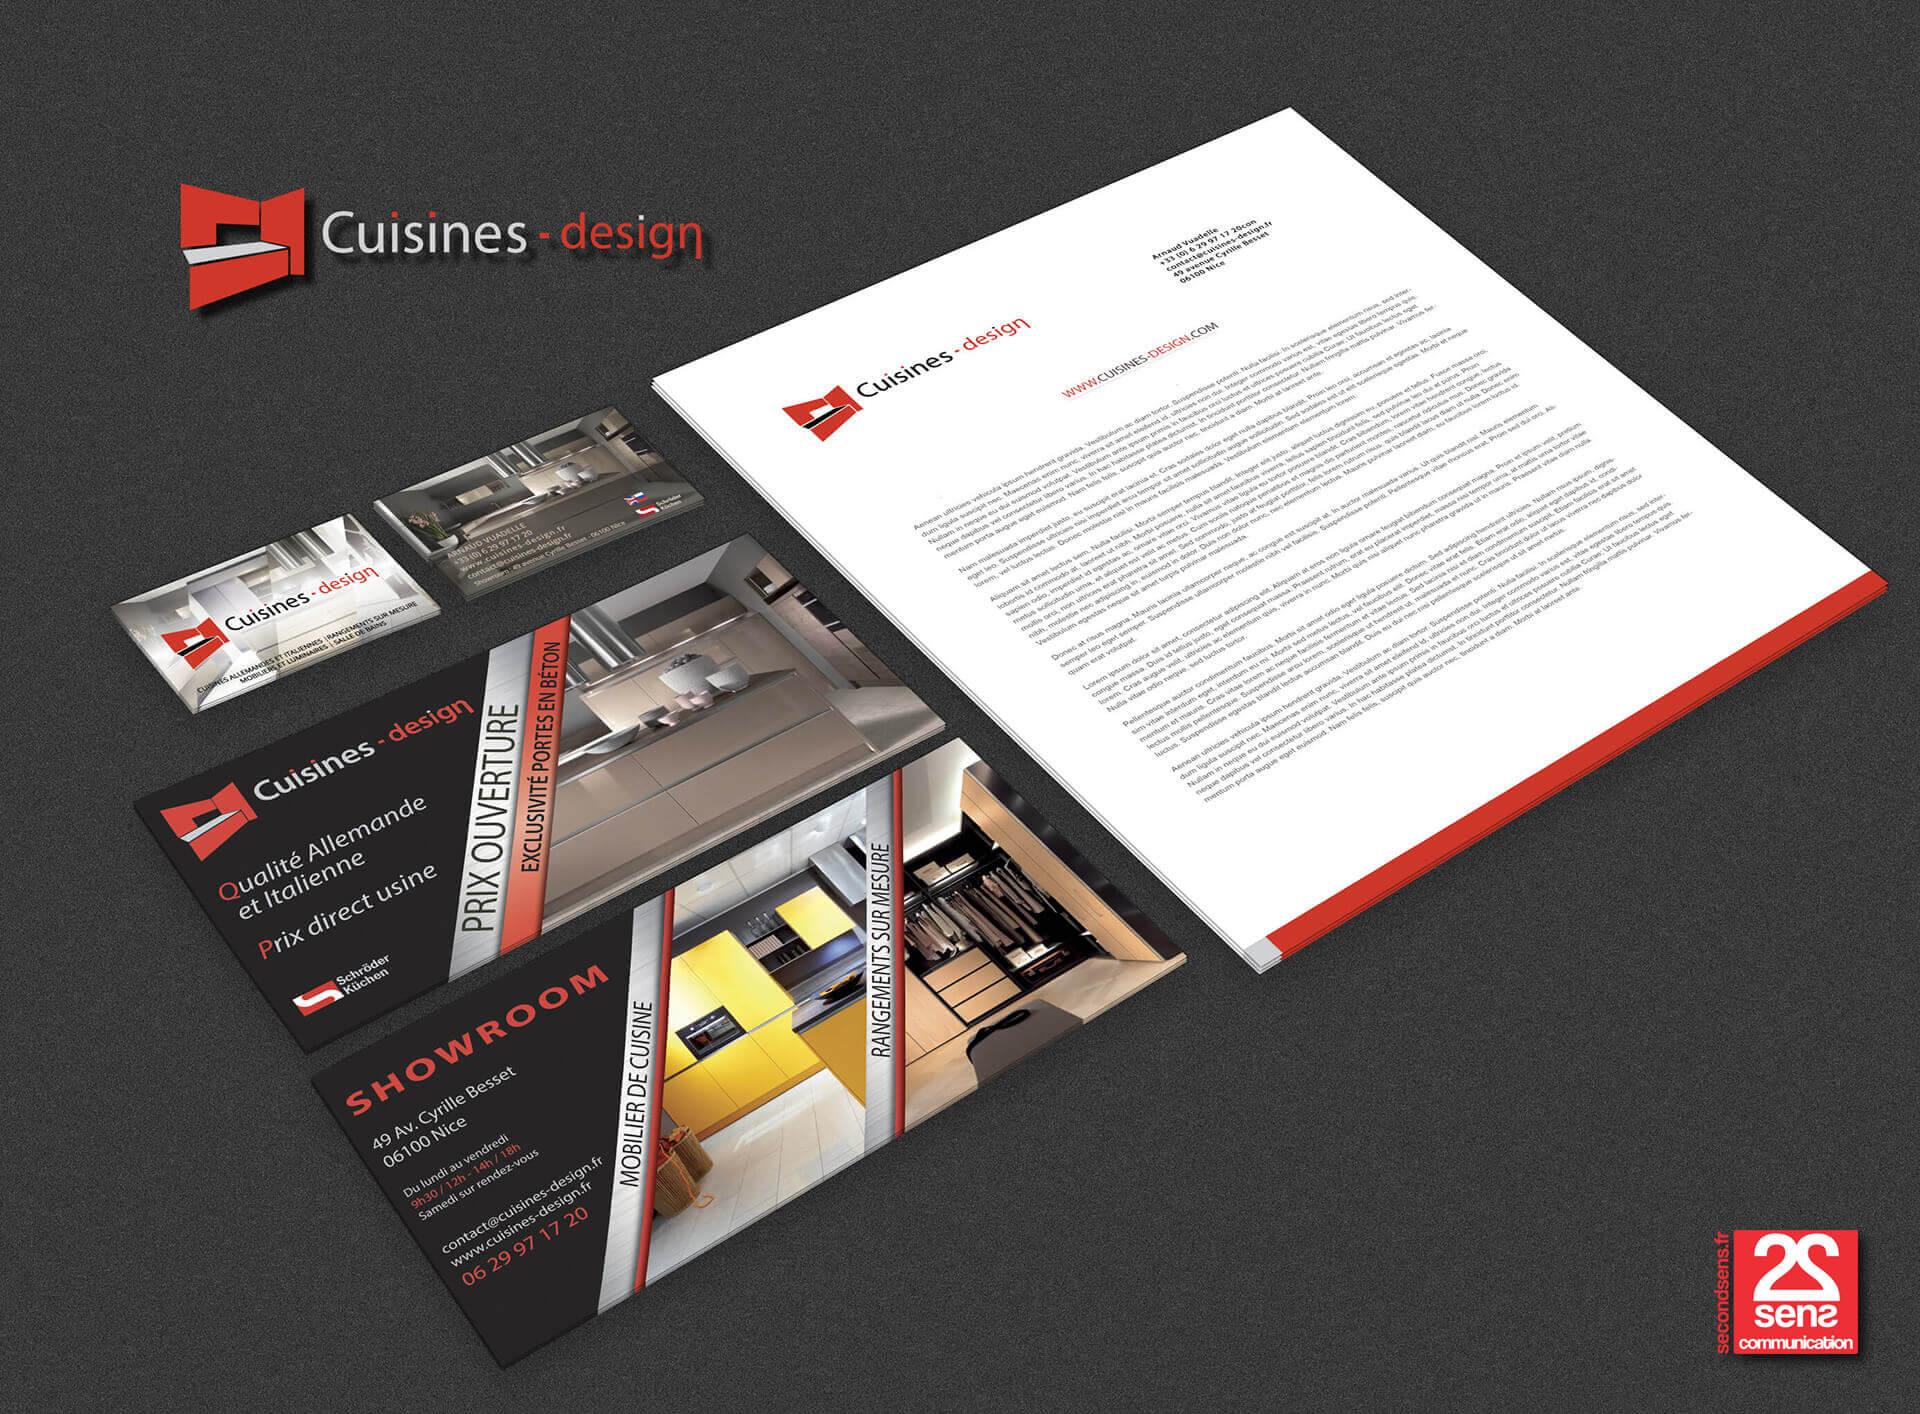 identit visuelle cuisines design agence de communication nice monaco cannes second sens. Black Bedroom Furniture Sets. Home Design Ideas